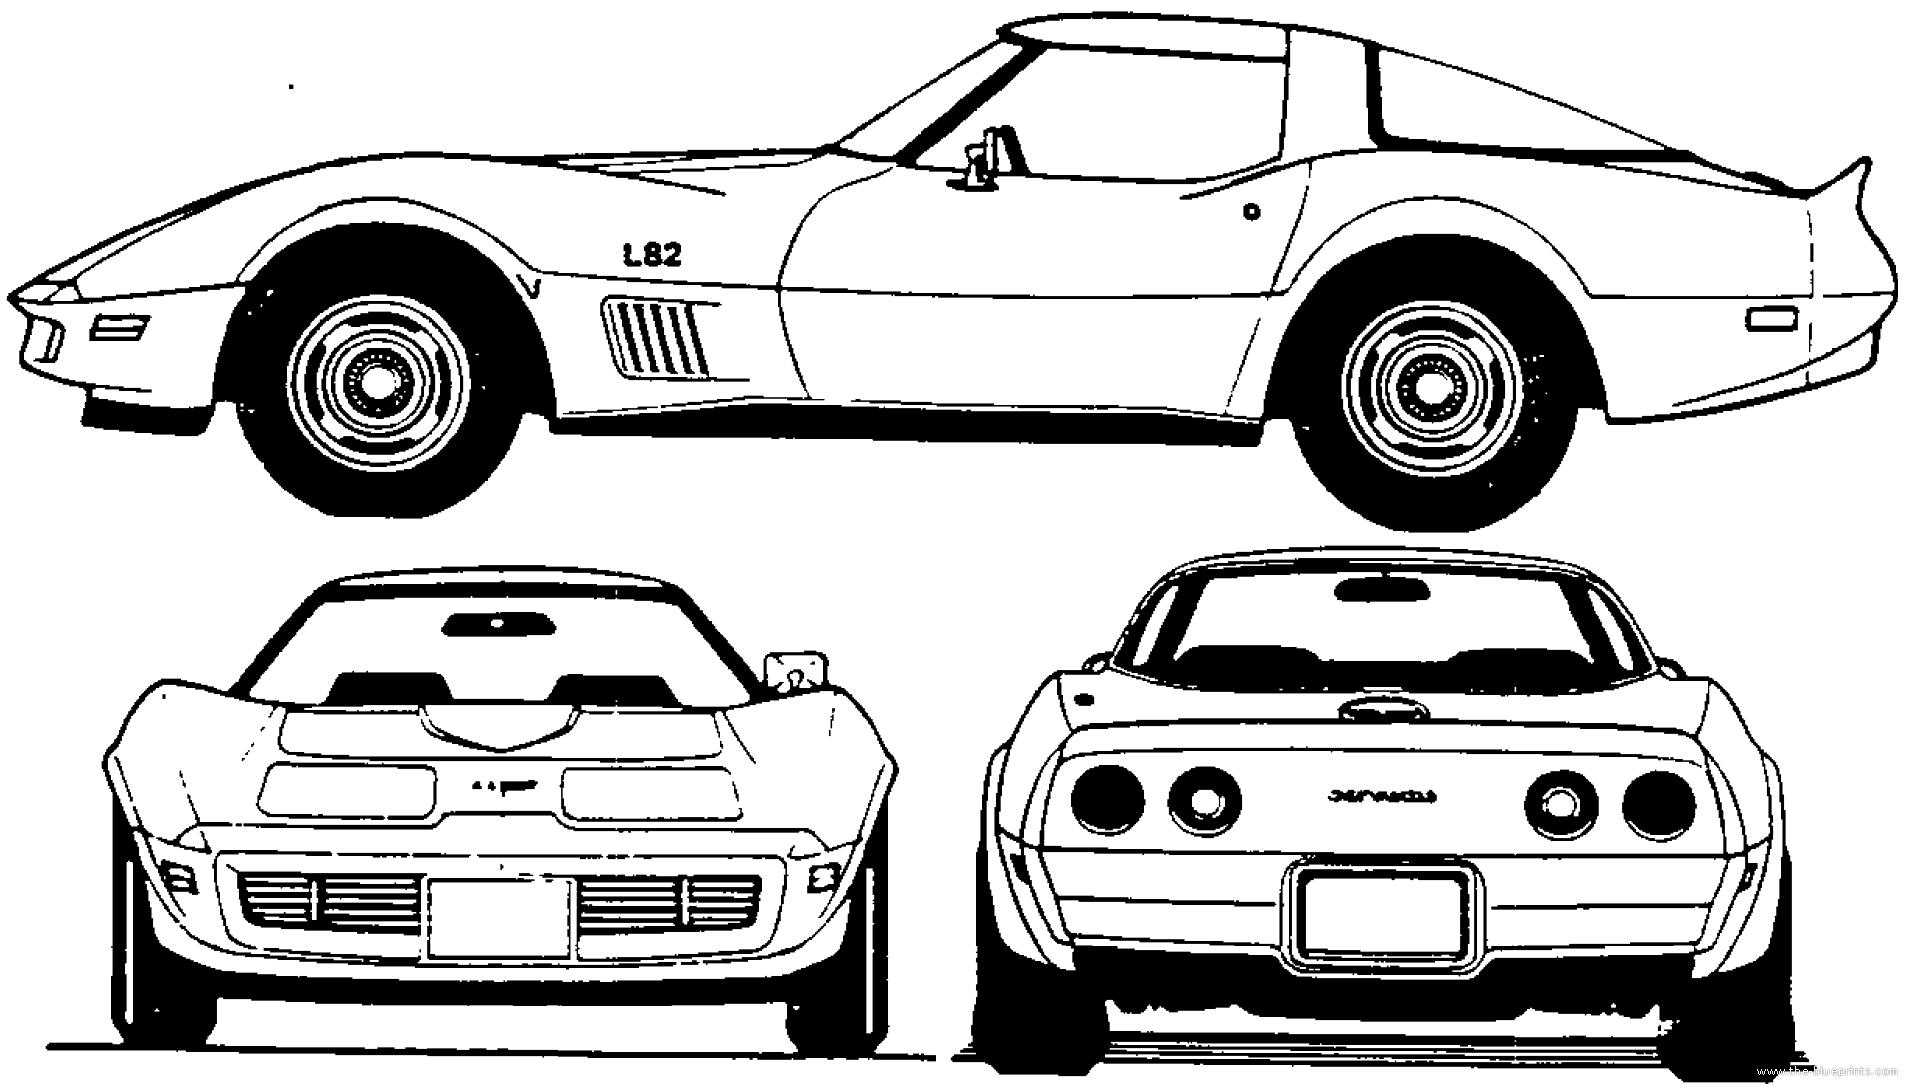 Corvette Blueprints The Car Space